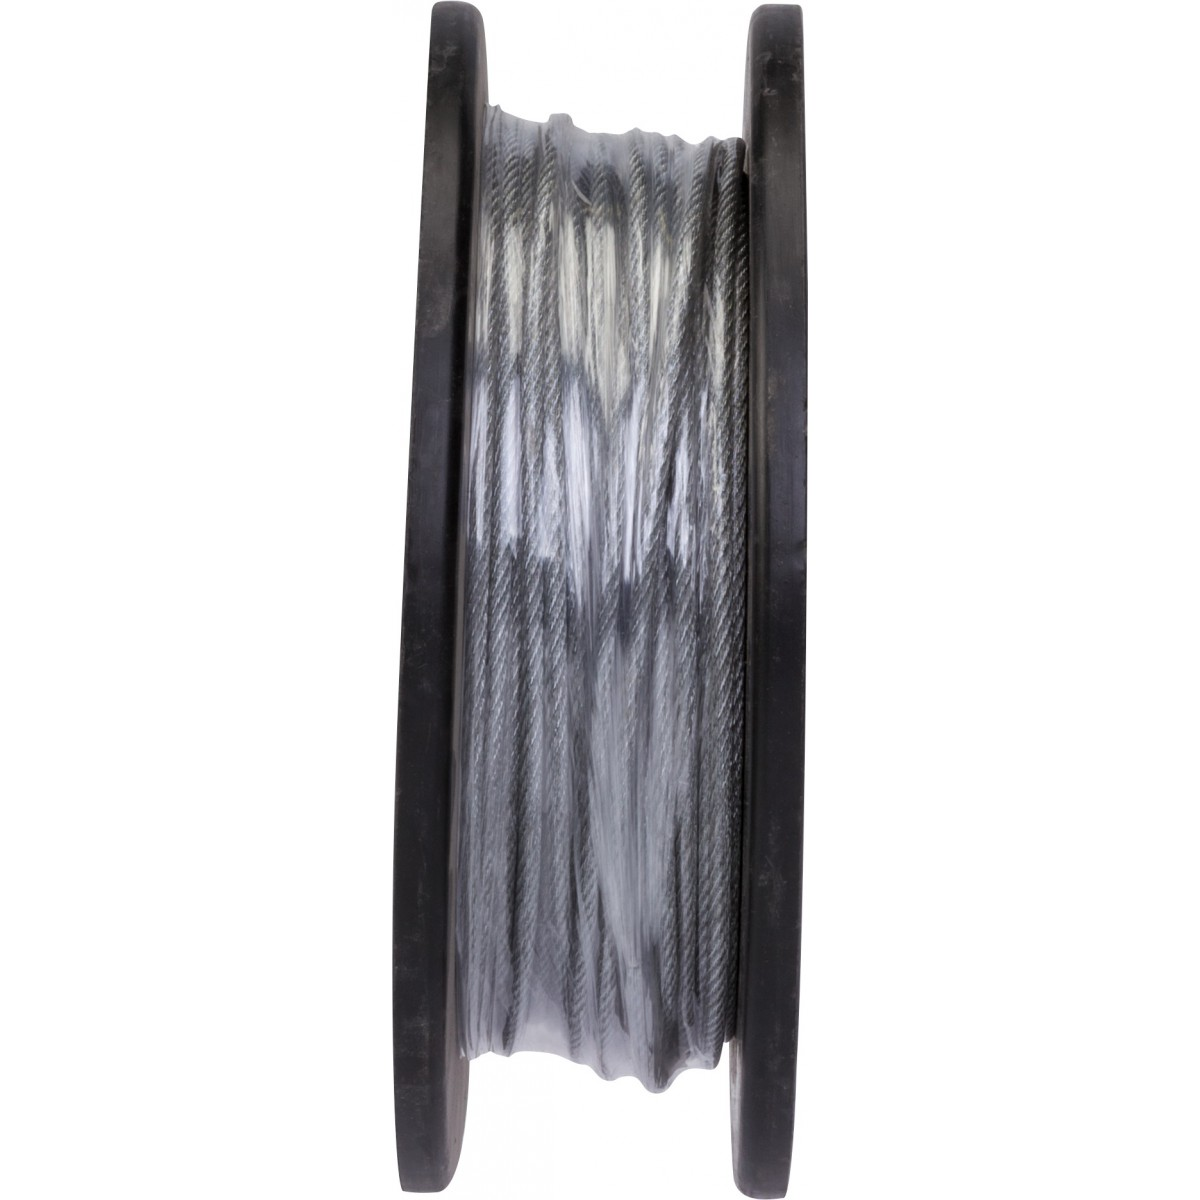 Câble acier gainé PVC Chapuis - Bobine de 50 m - Diamètre Câble 3 mm - Extérieur 4 mm